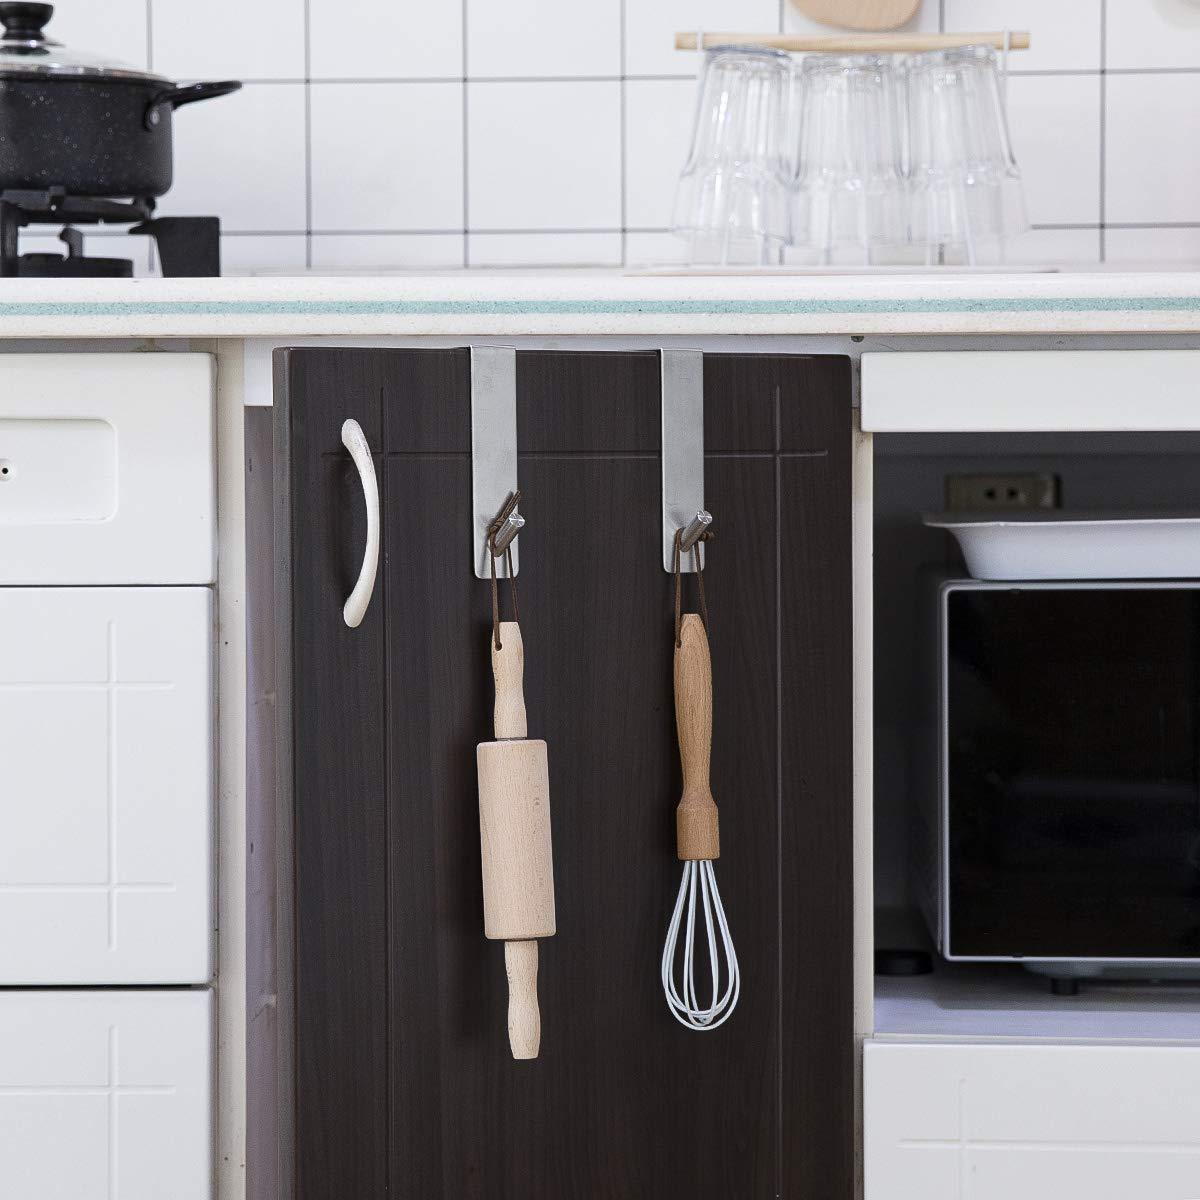 Bedroom Bathroom Kitchen Kitlit Over Door Hook Hanger Stainless Steel 2 Hooks for Coat Bag Towel Robe Hat Hook Heavy Duty Hook Hanger Rack